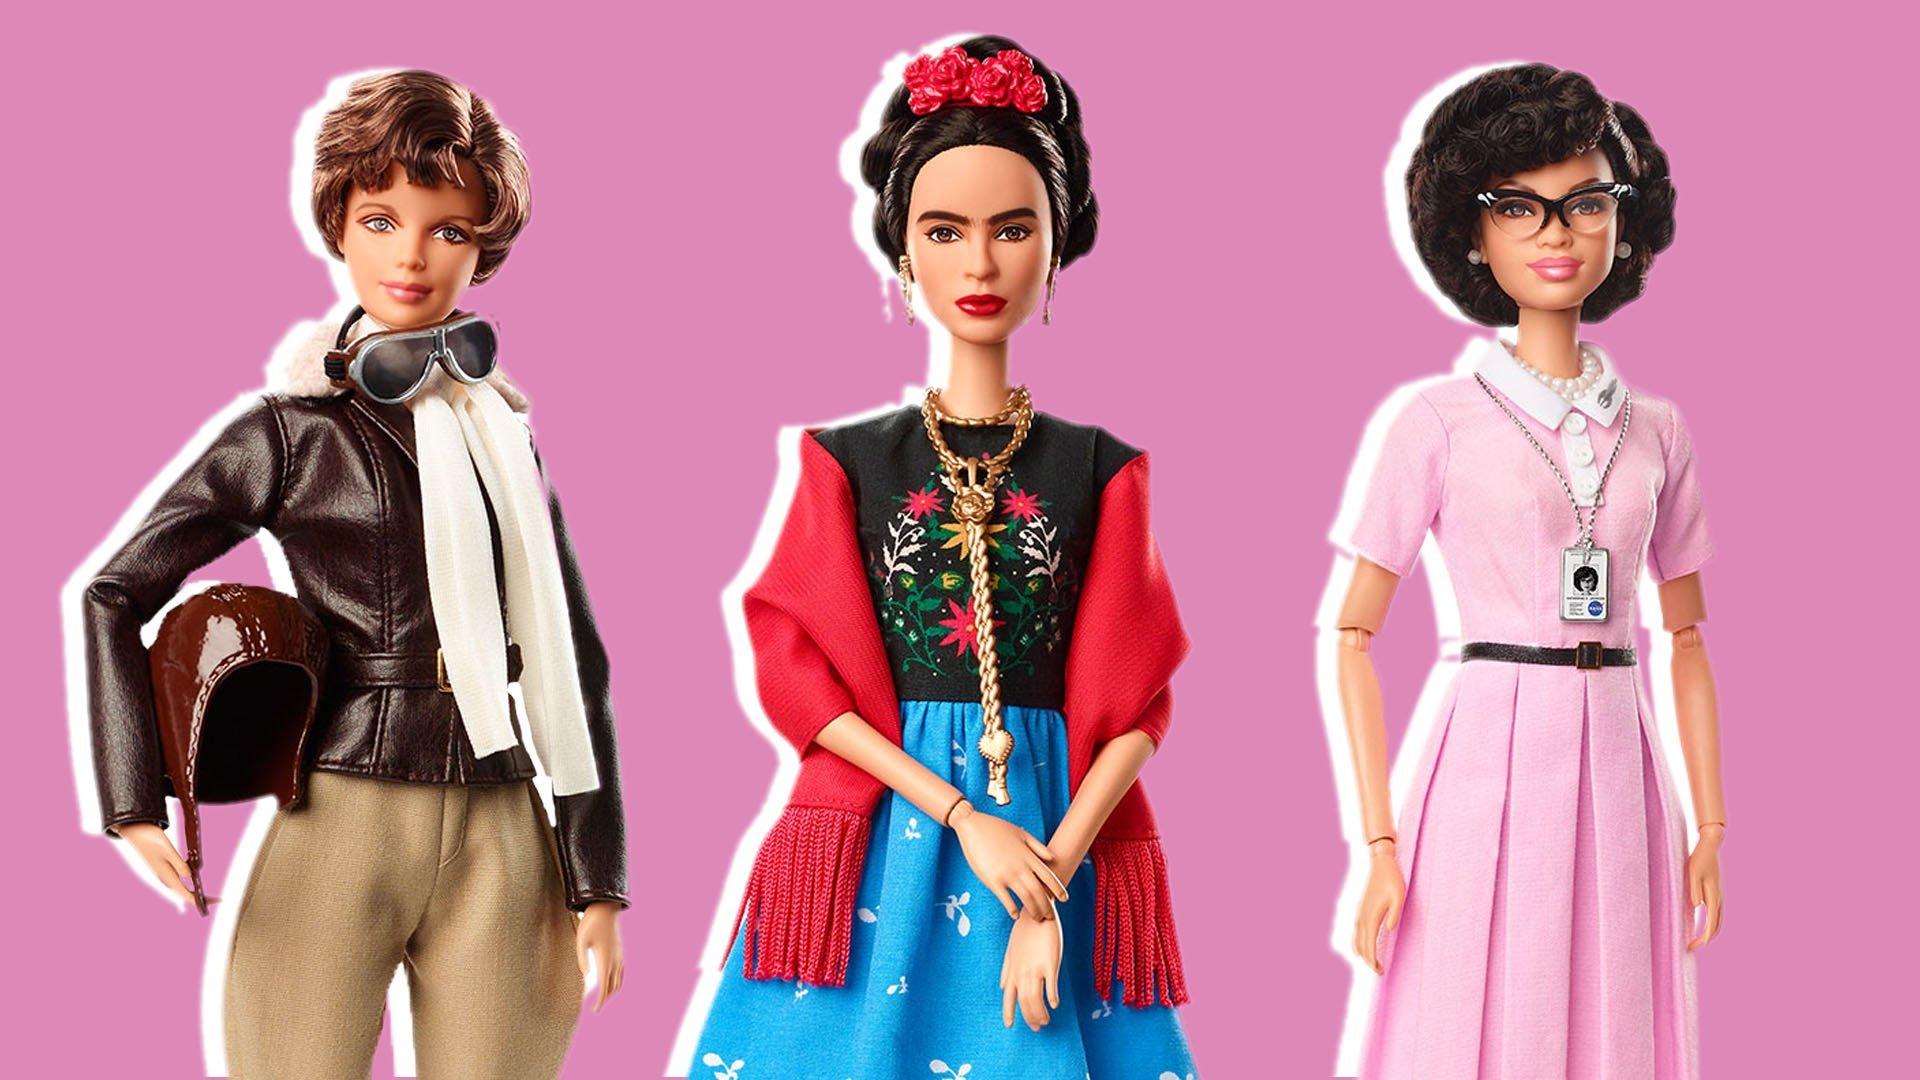 barbie inspiring women today 180306 tease 31efde7741ce291ab1d34d9e4599e4d7.jpg?resize=1200,630 - Barbie lança bonecas inspiradas em ícones femininos que fizeram história